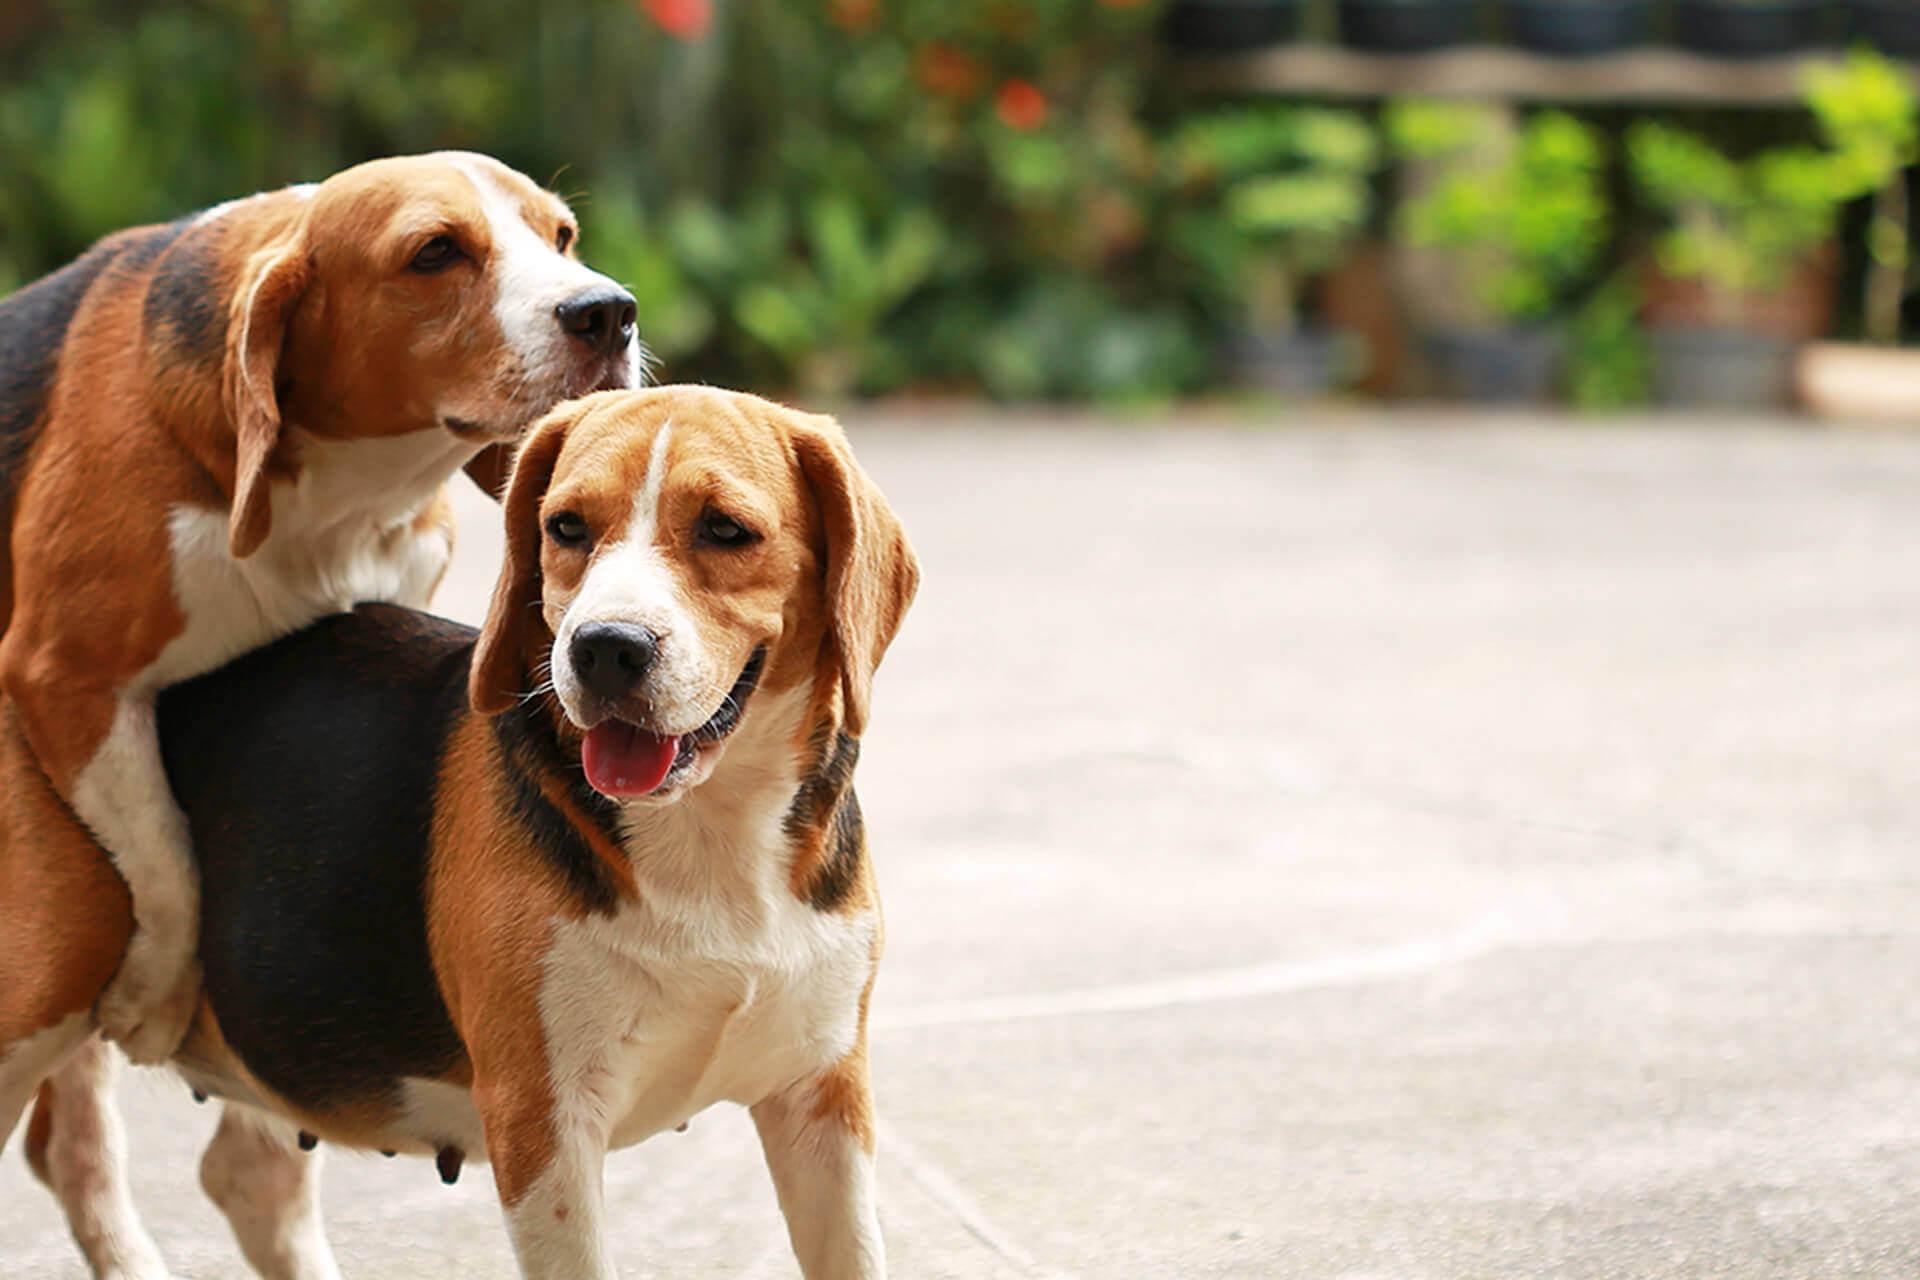 Cane in calore? Ecco cosa bisogna sapere